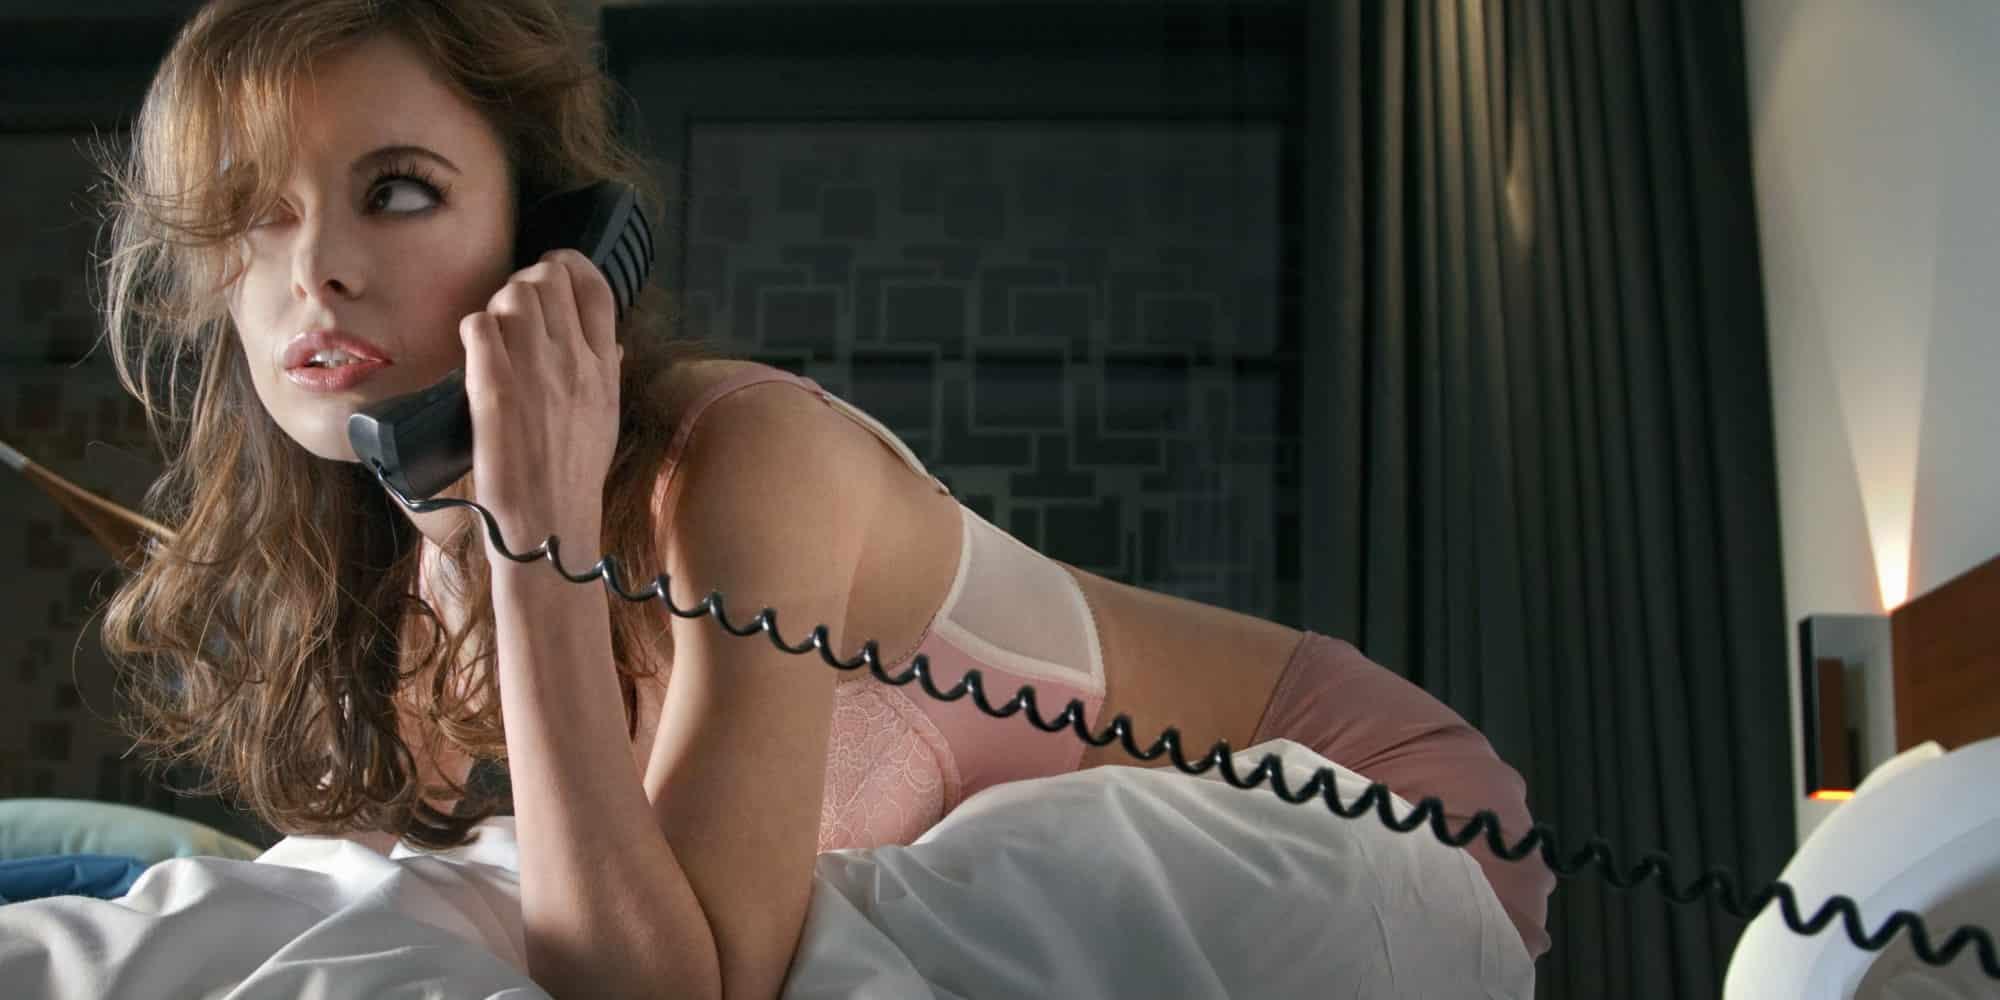 говорит по телефону и трахается